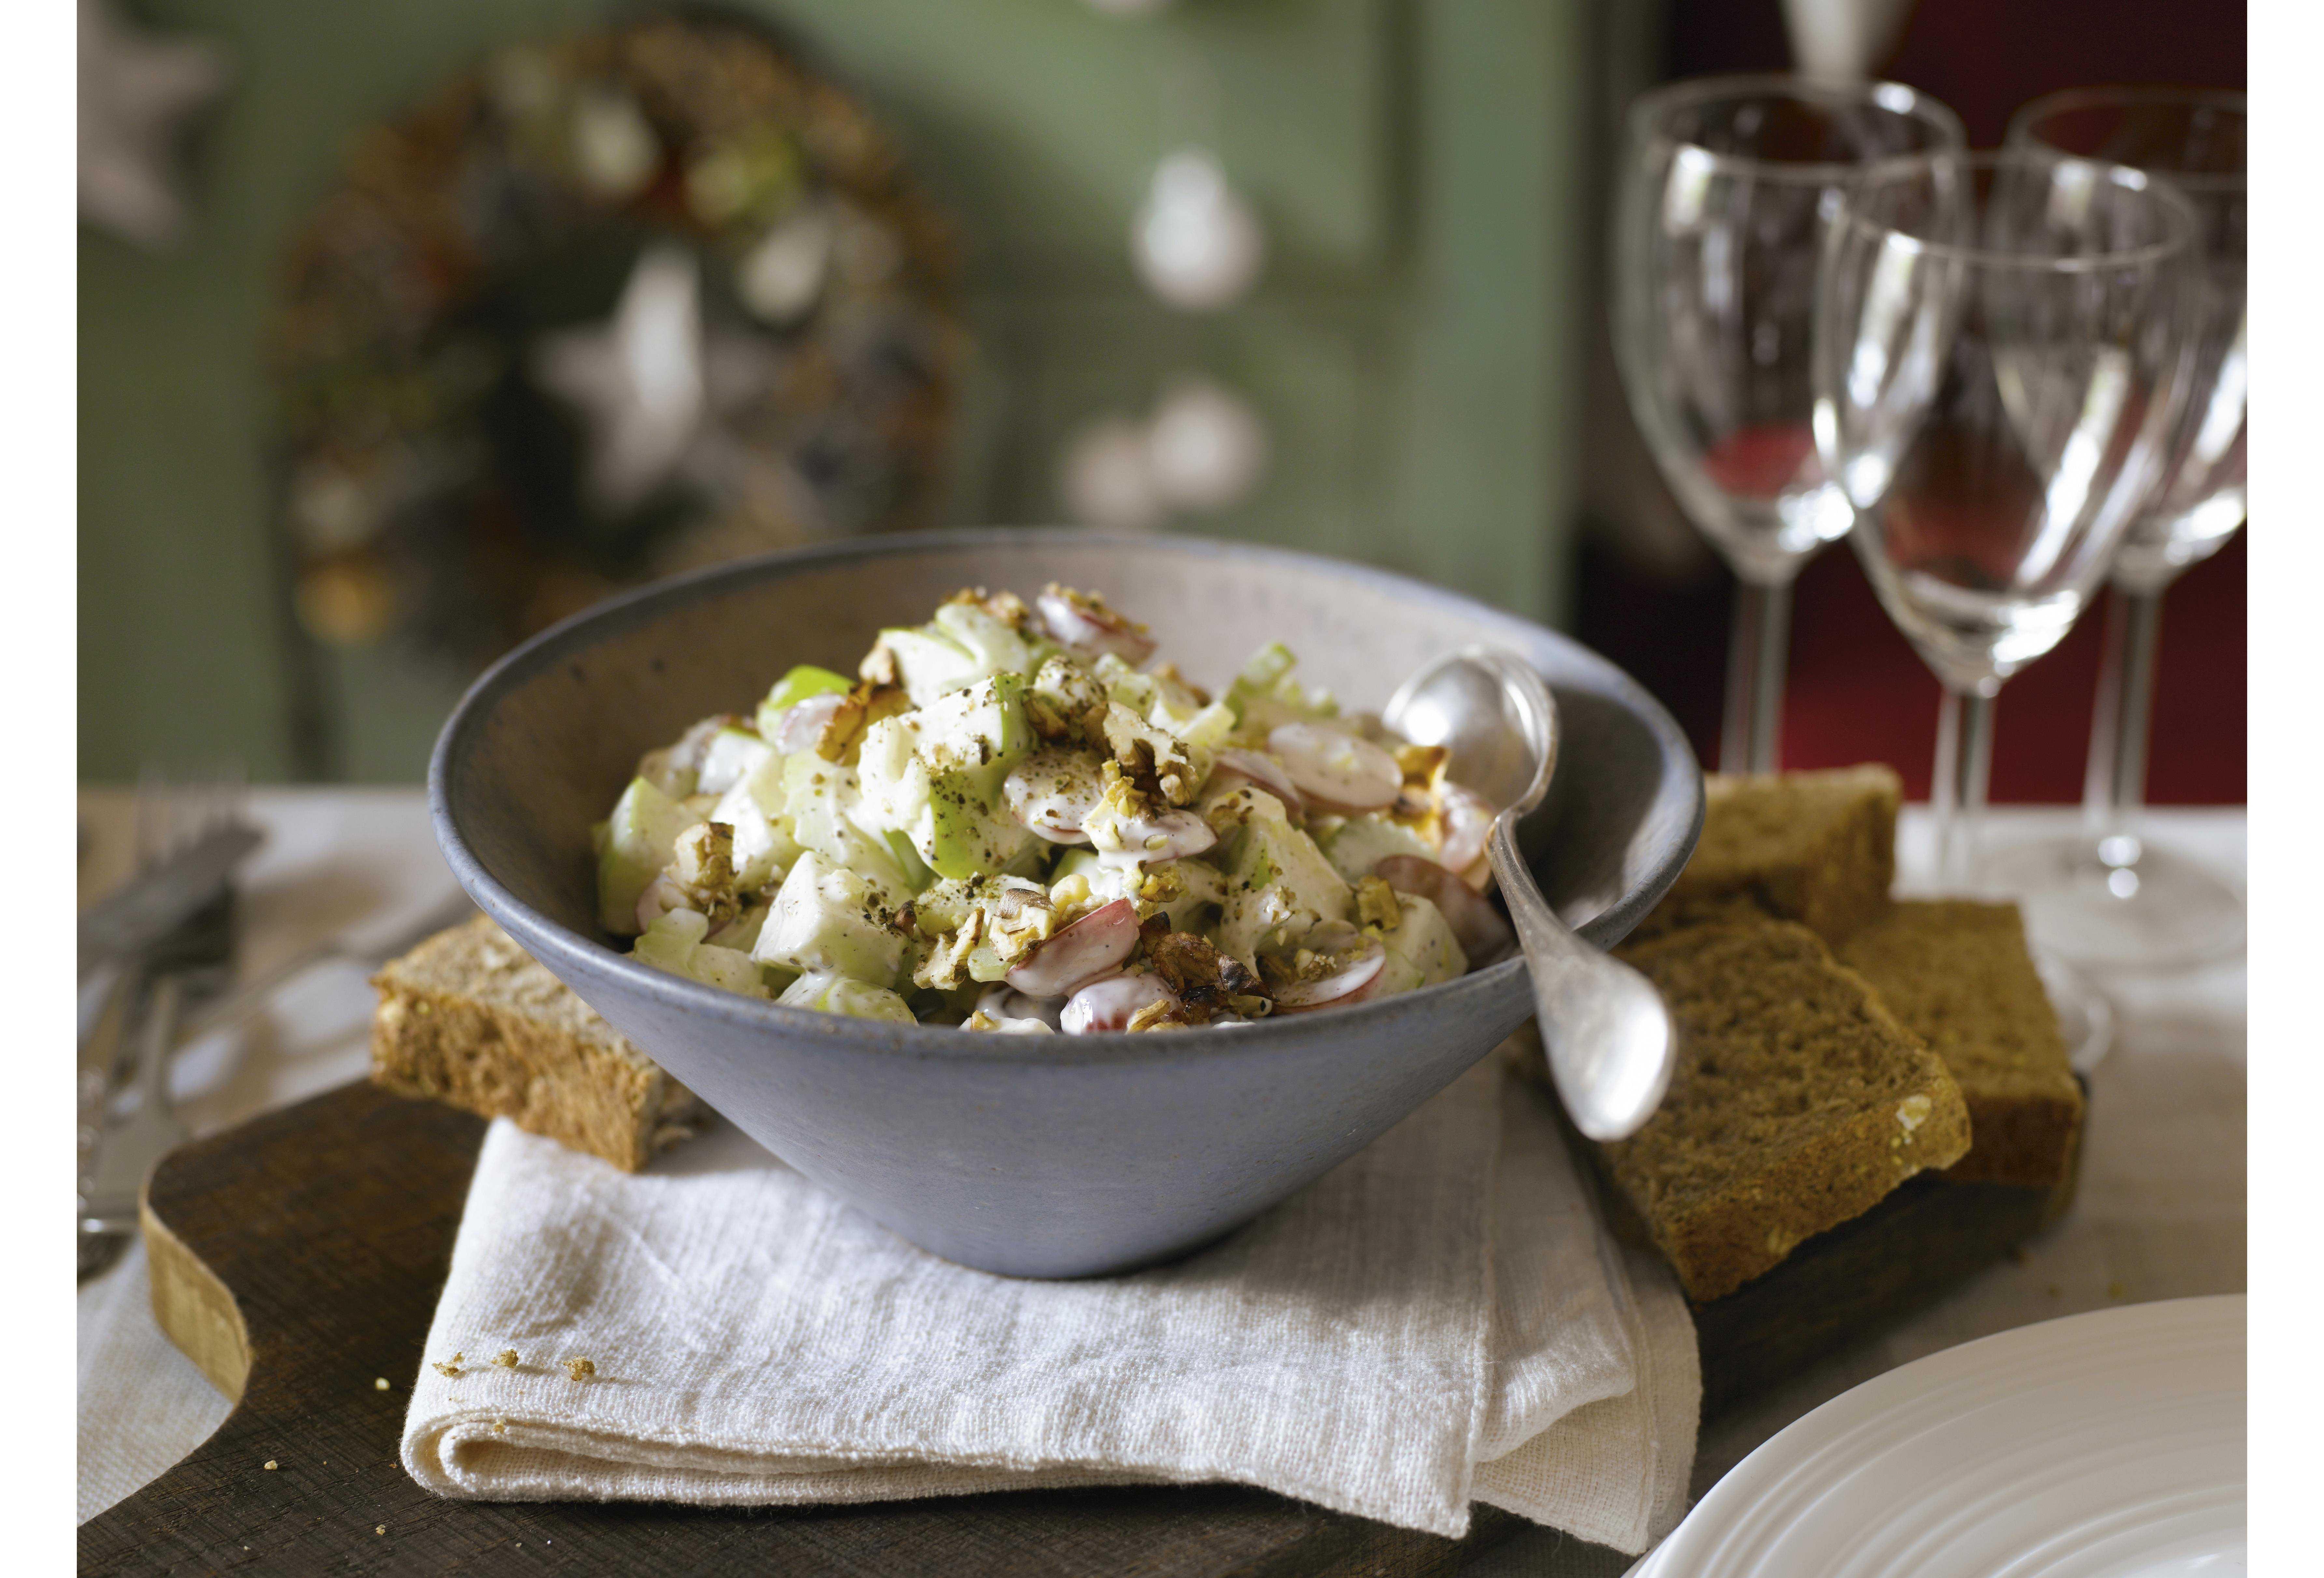 Салат «вальдорф» — классический рецепт и 3 оригинальных с курицей, виноградом, ананасом